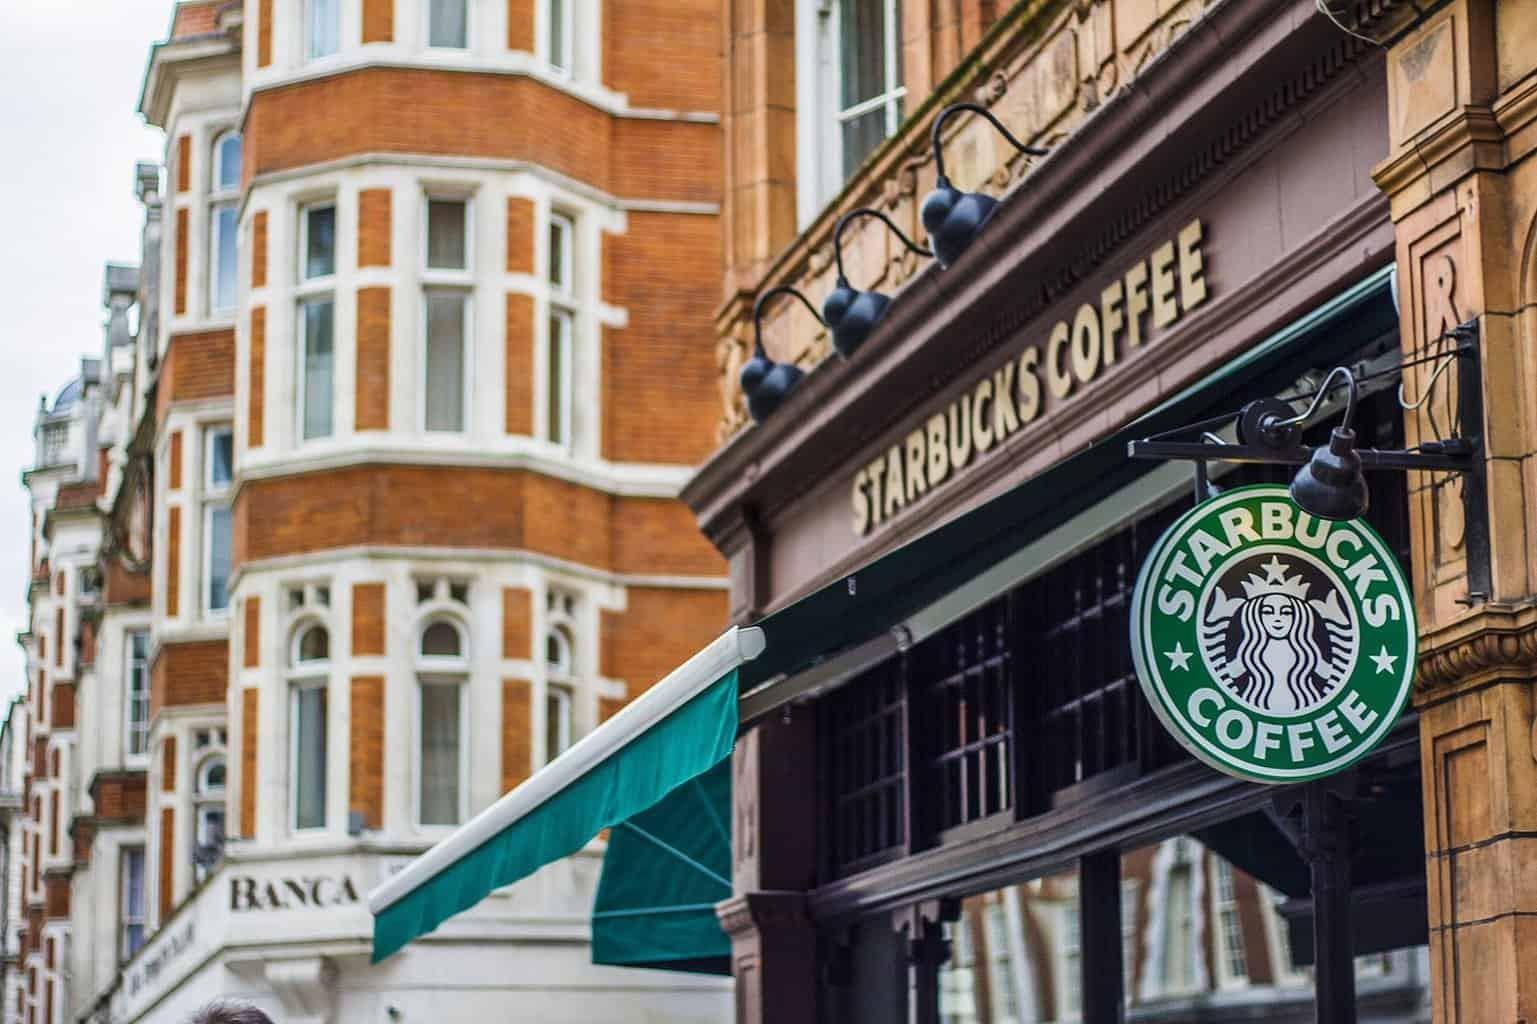 Starbucks in London 1